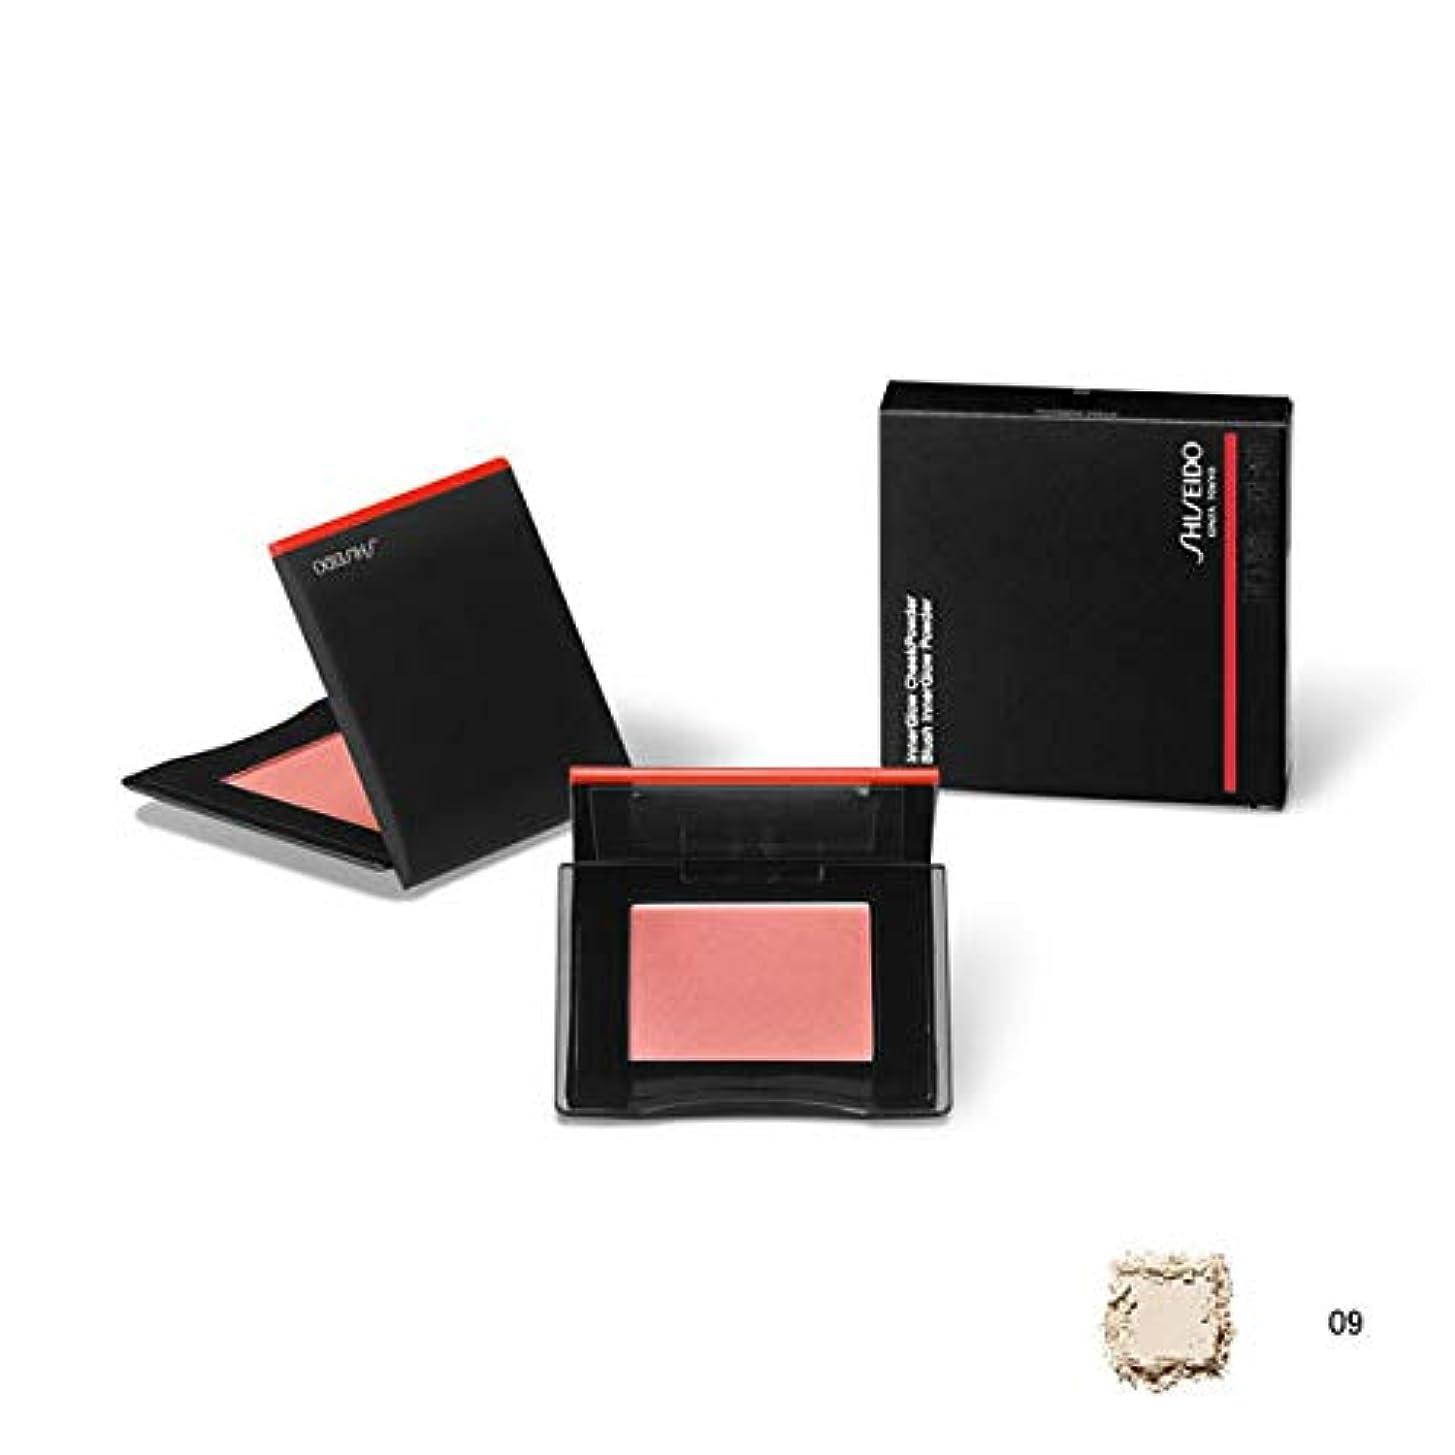 ドナウ川ポール本物のSHISEIDO Makeup(資生堂 メーキャップ) SHISEIDO(資生堂) SHISEIDO インナーグロウ チークパウダー 4g (09)